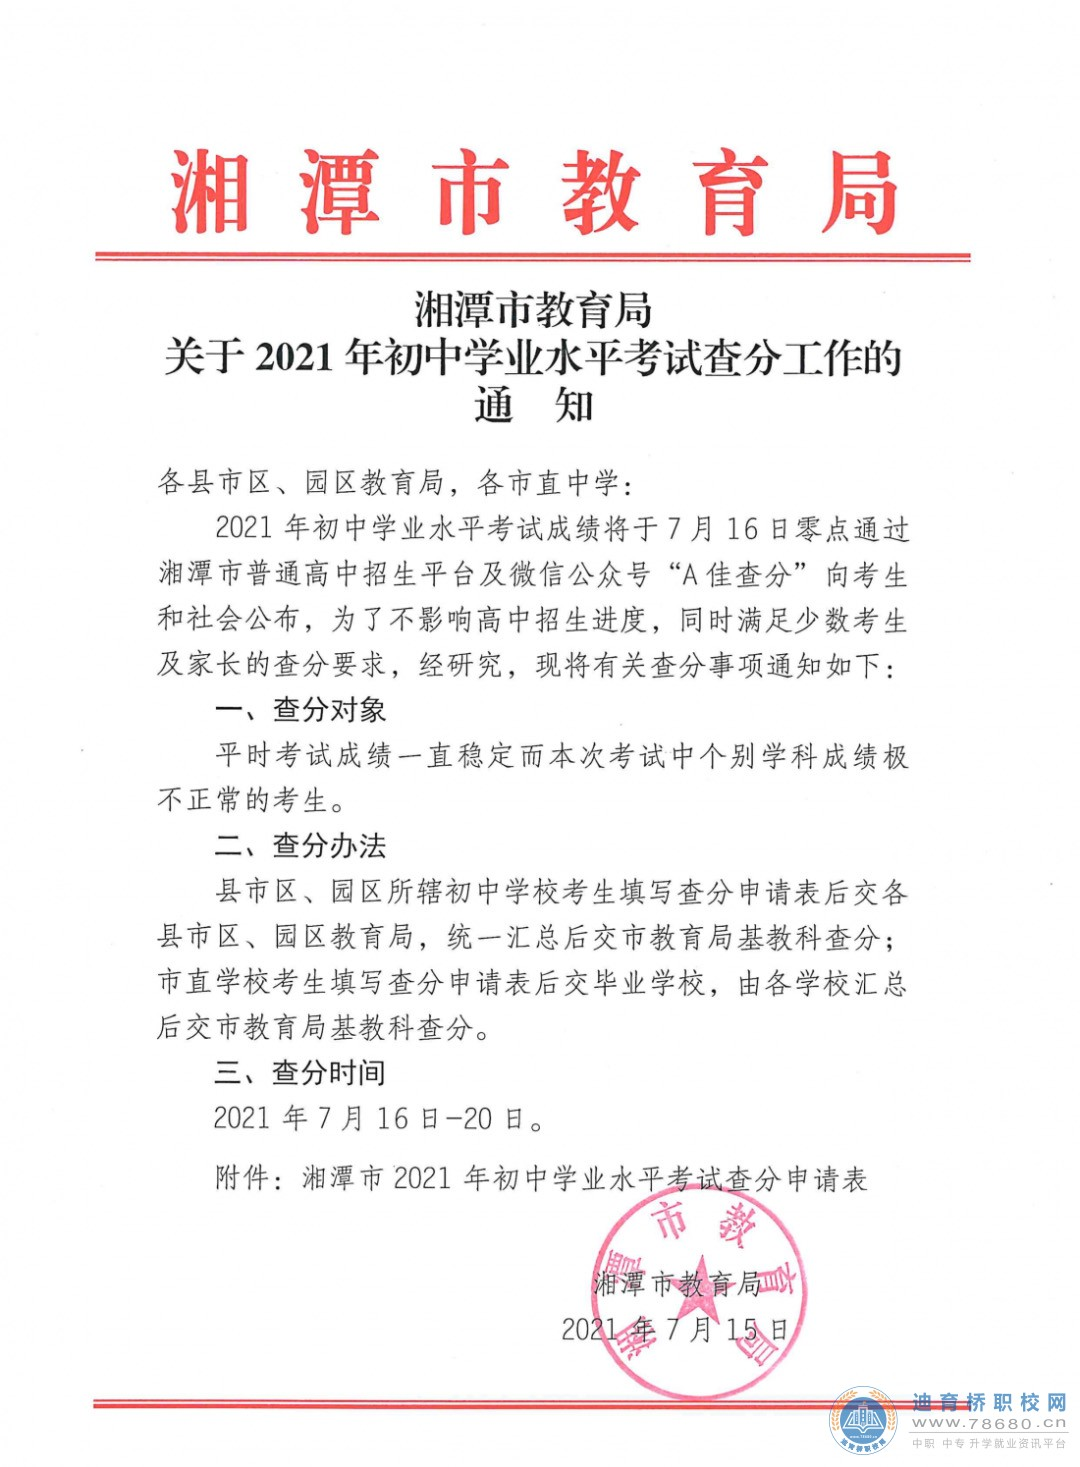 湘潭市教育局关于2021年初中学业水平考试查分工作的通知